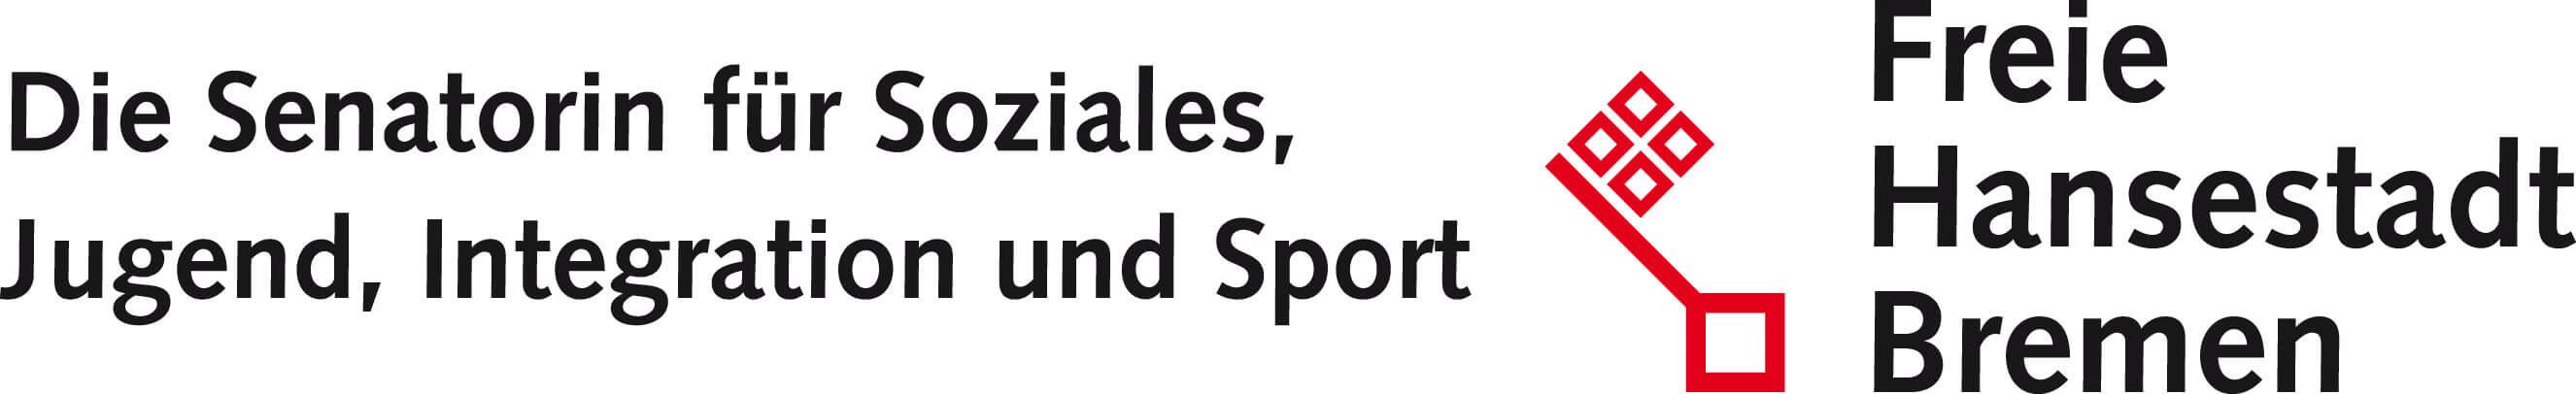 Logo der Senatorin für Soziales, Jugend, Integration und Sport